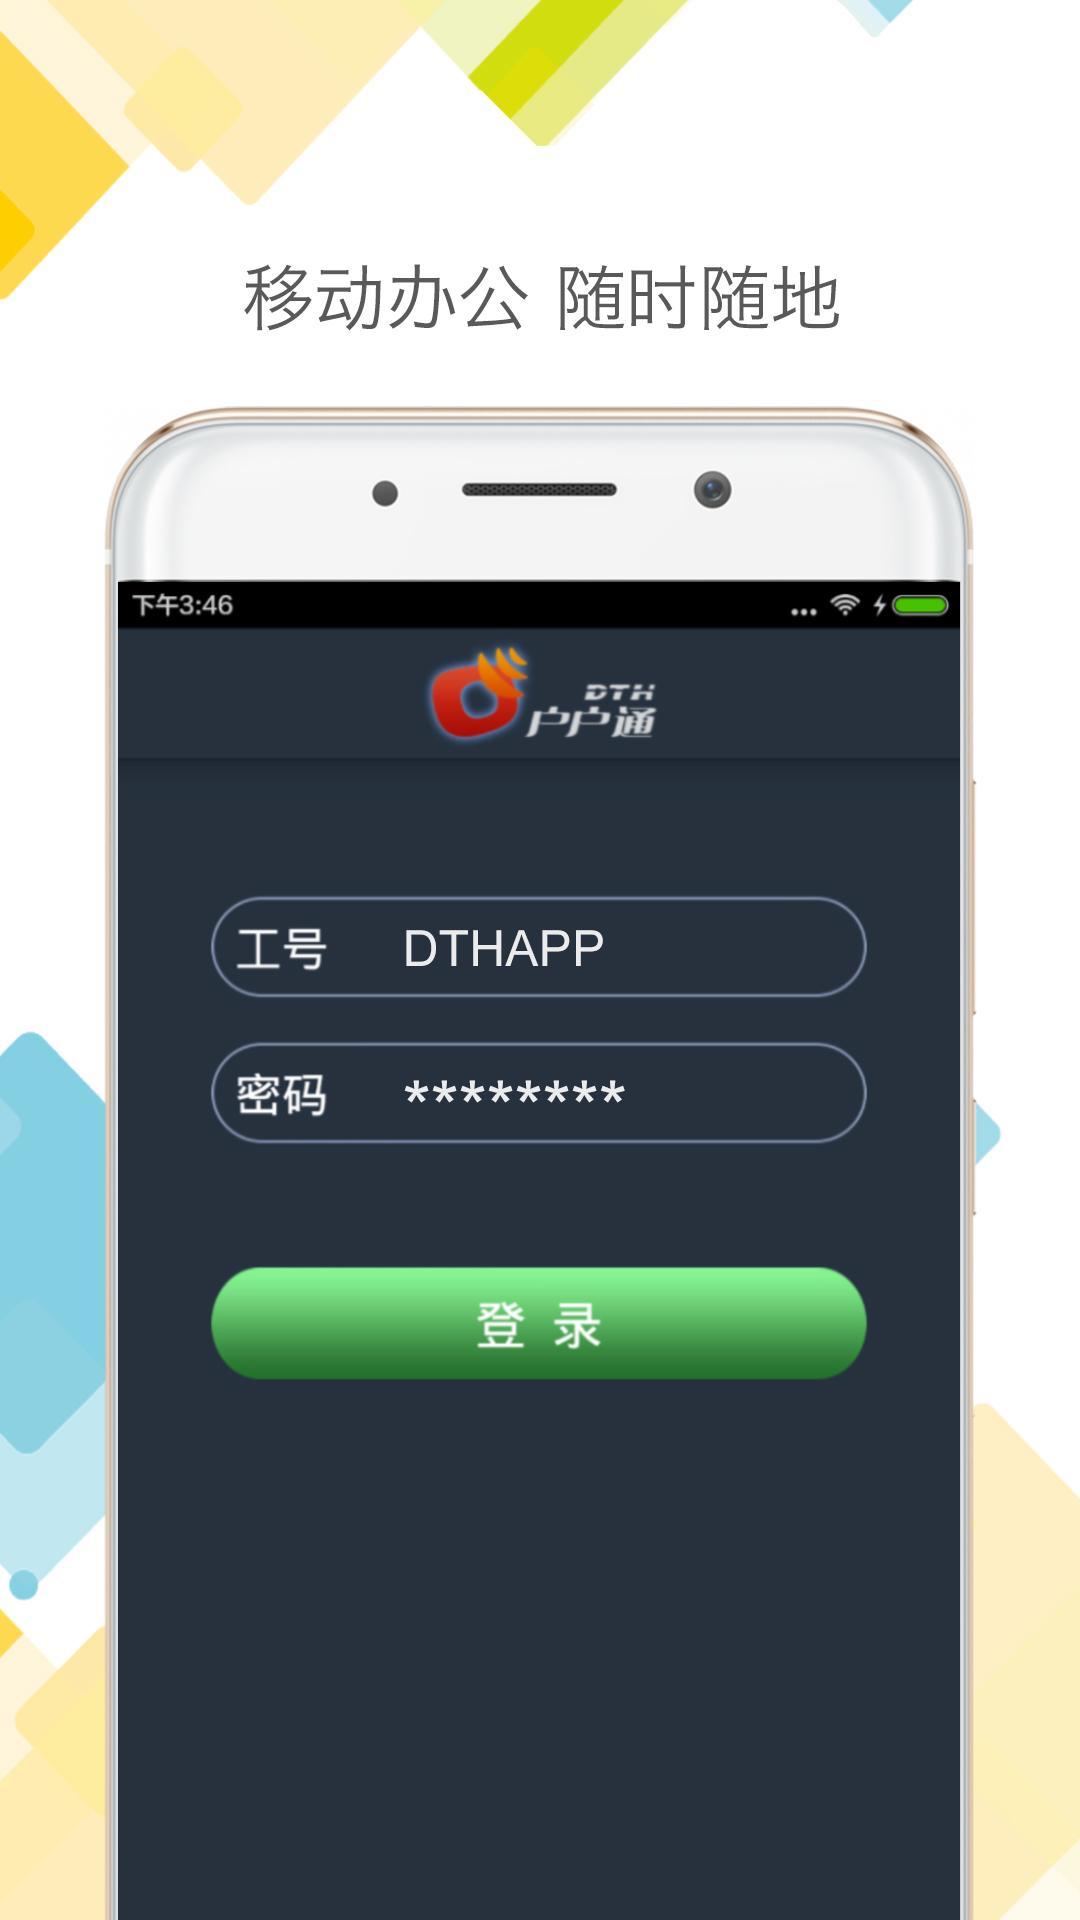 DTH户户通App下载截图4